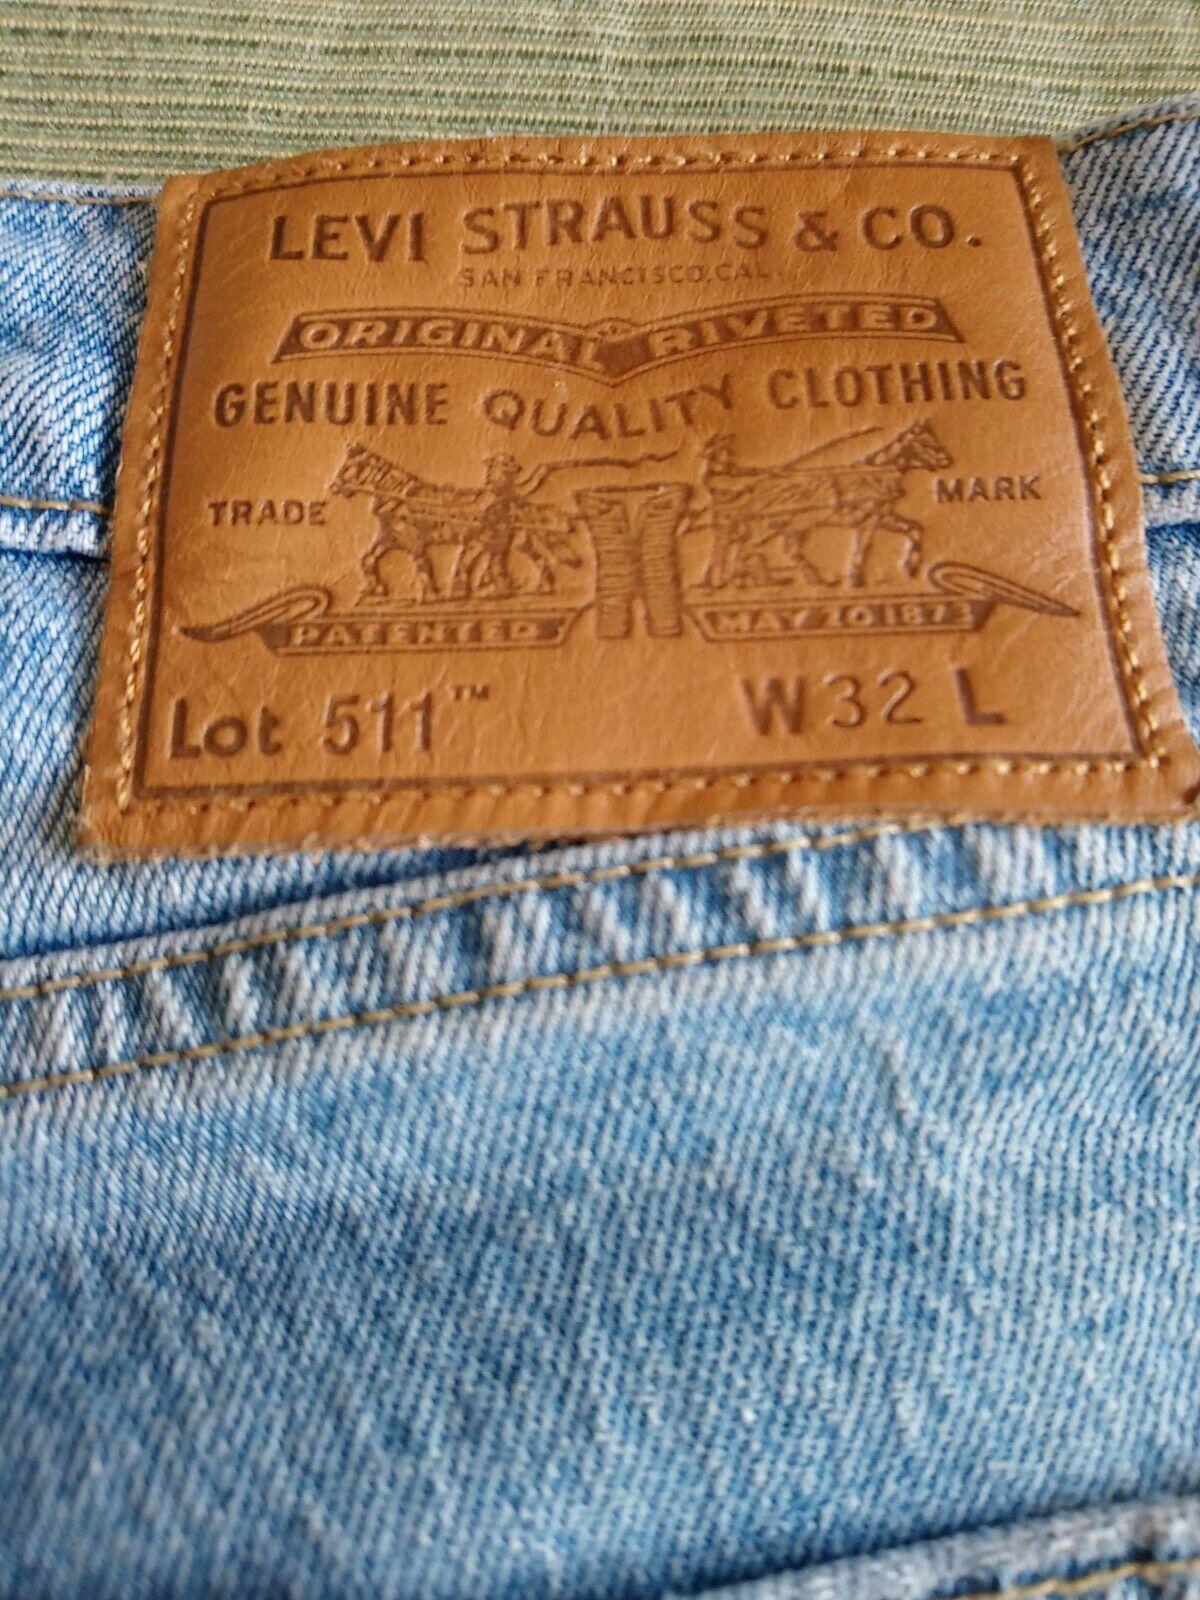 Levis 511 Big E Denim Shorts Size 32 - image 3